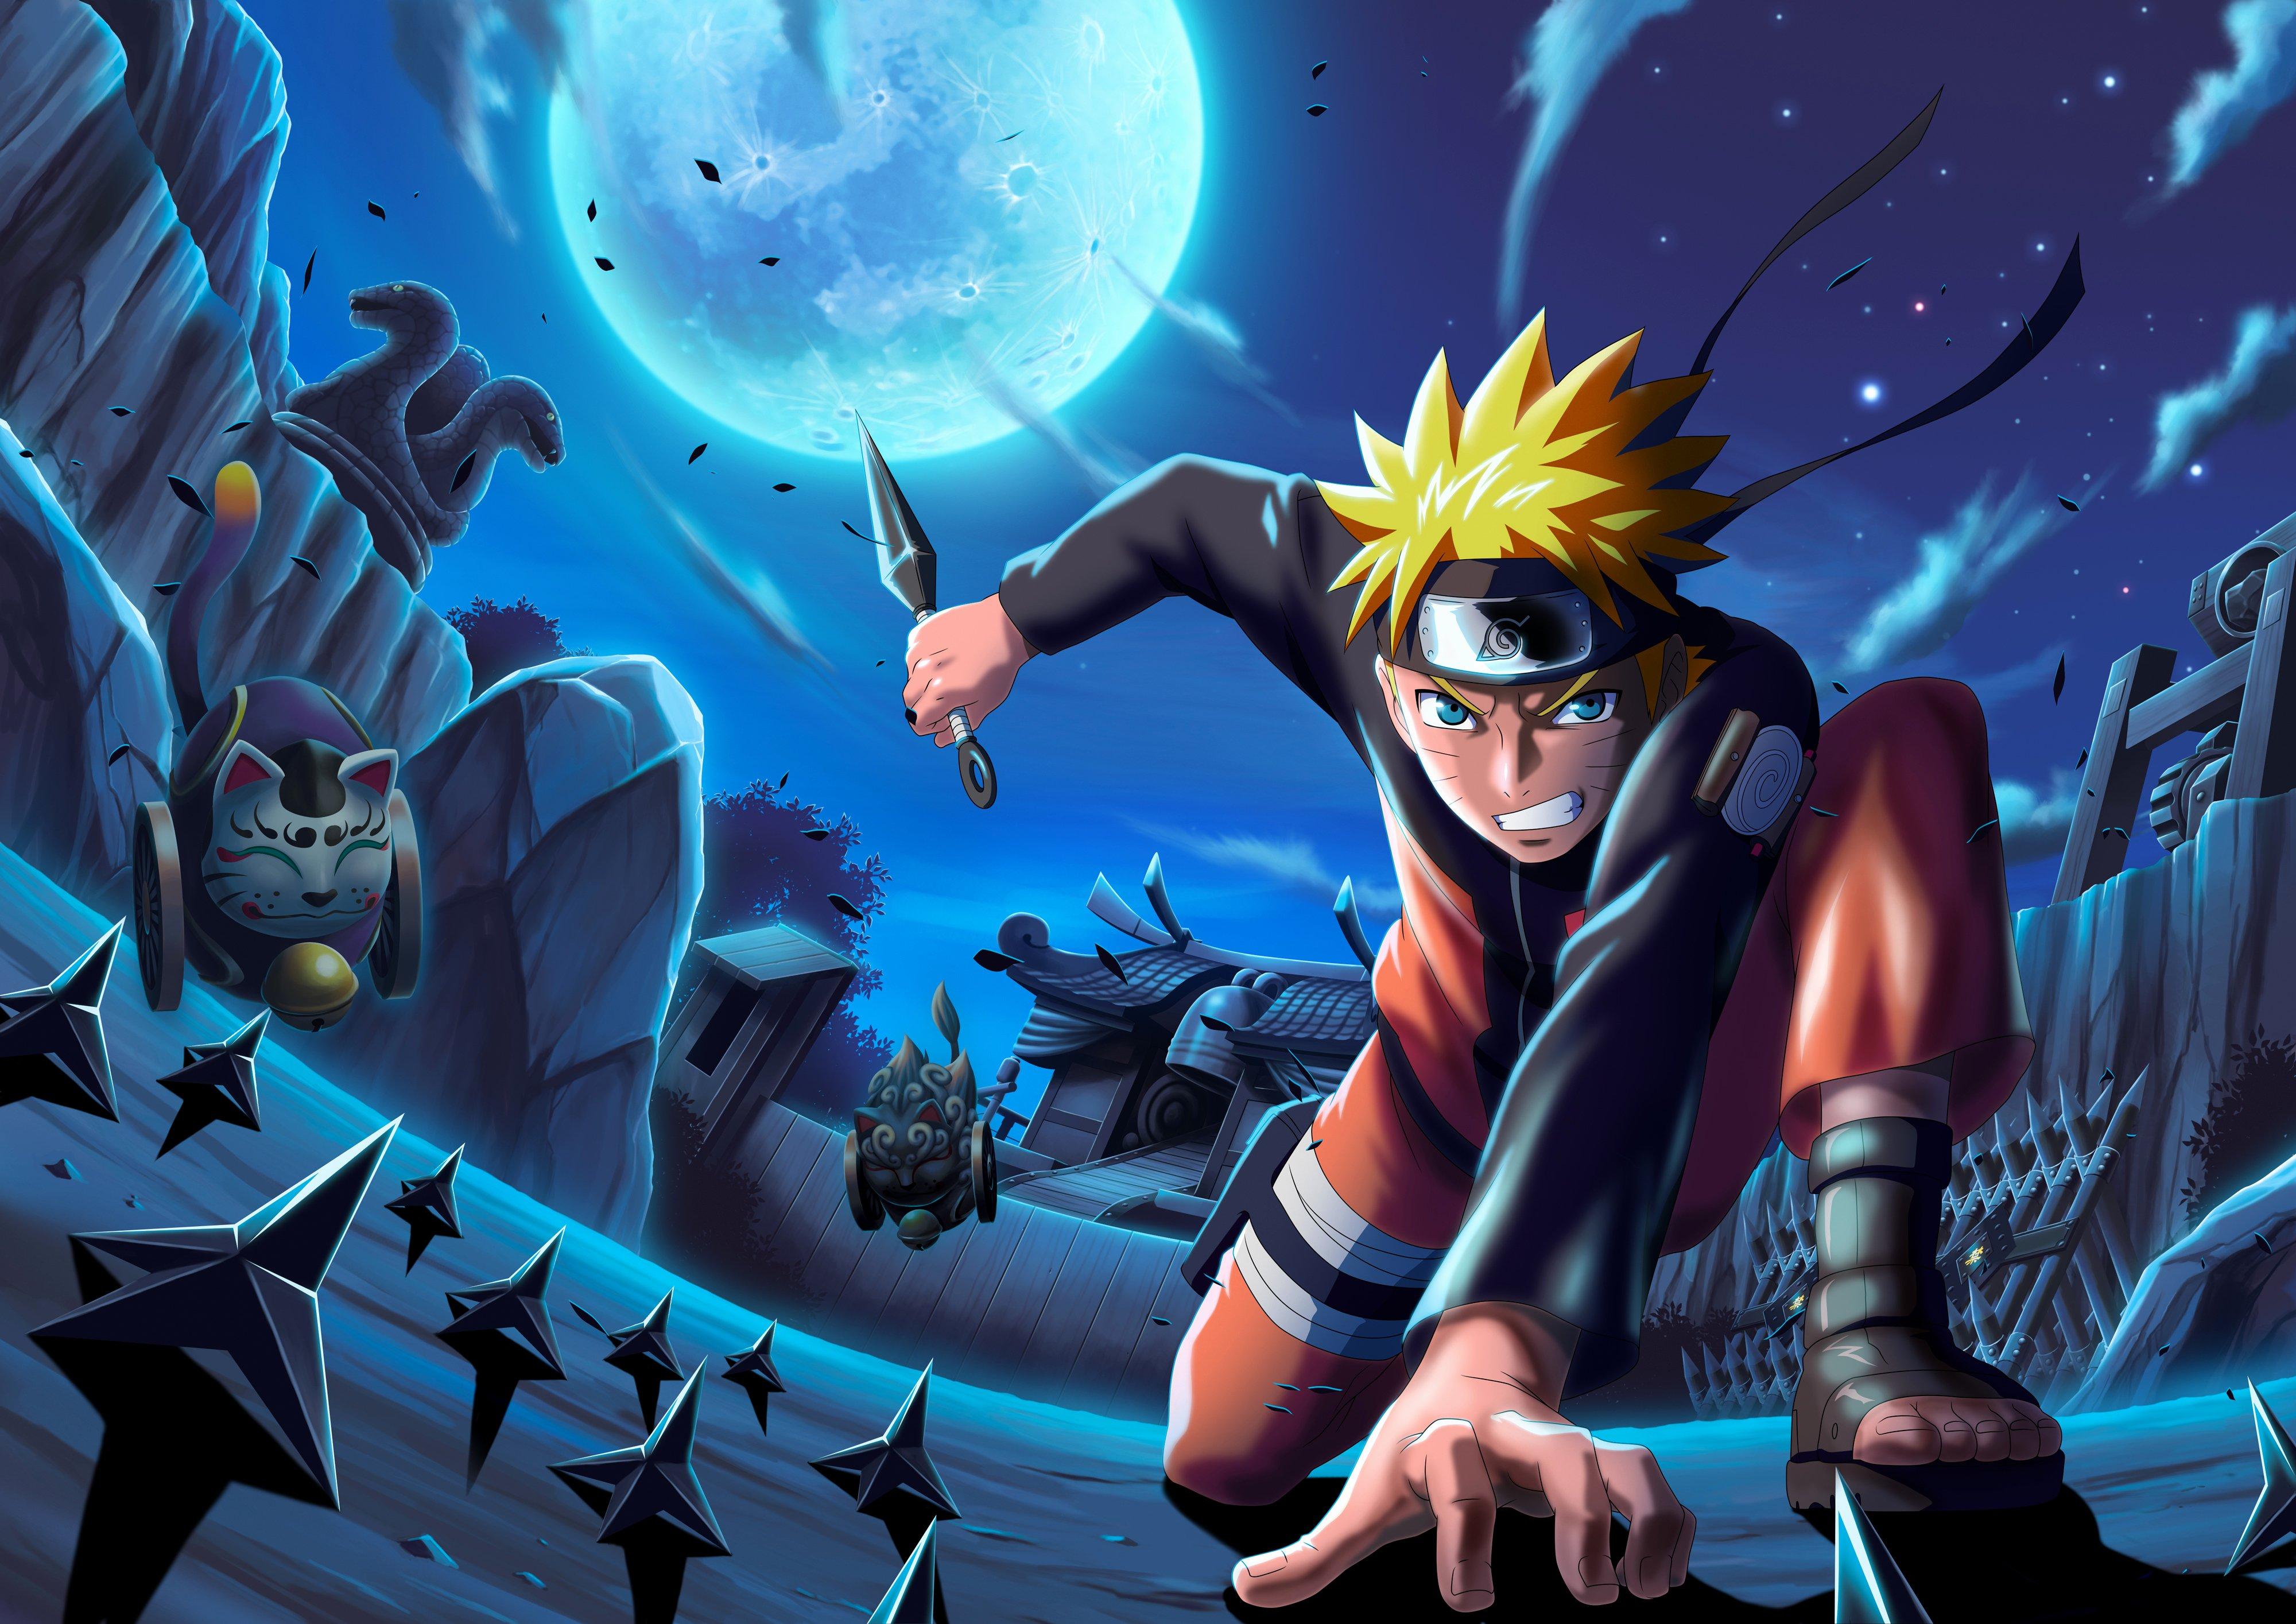 Fondos de pantalla Anime Naruto Uzumaki